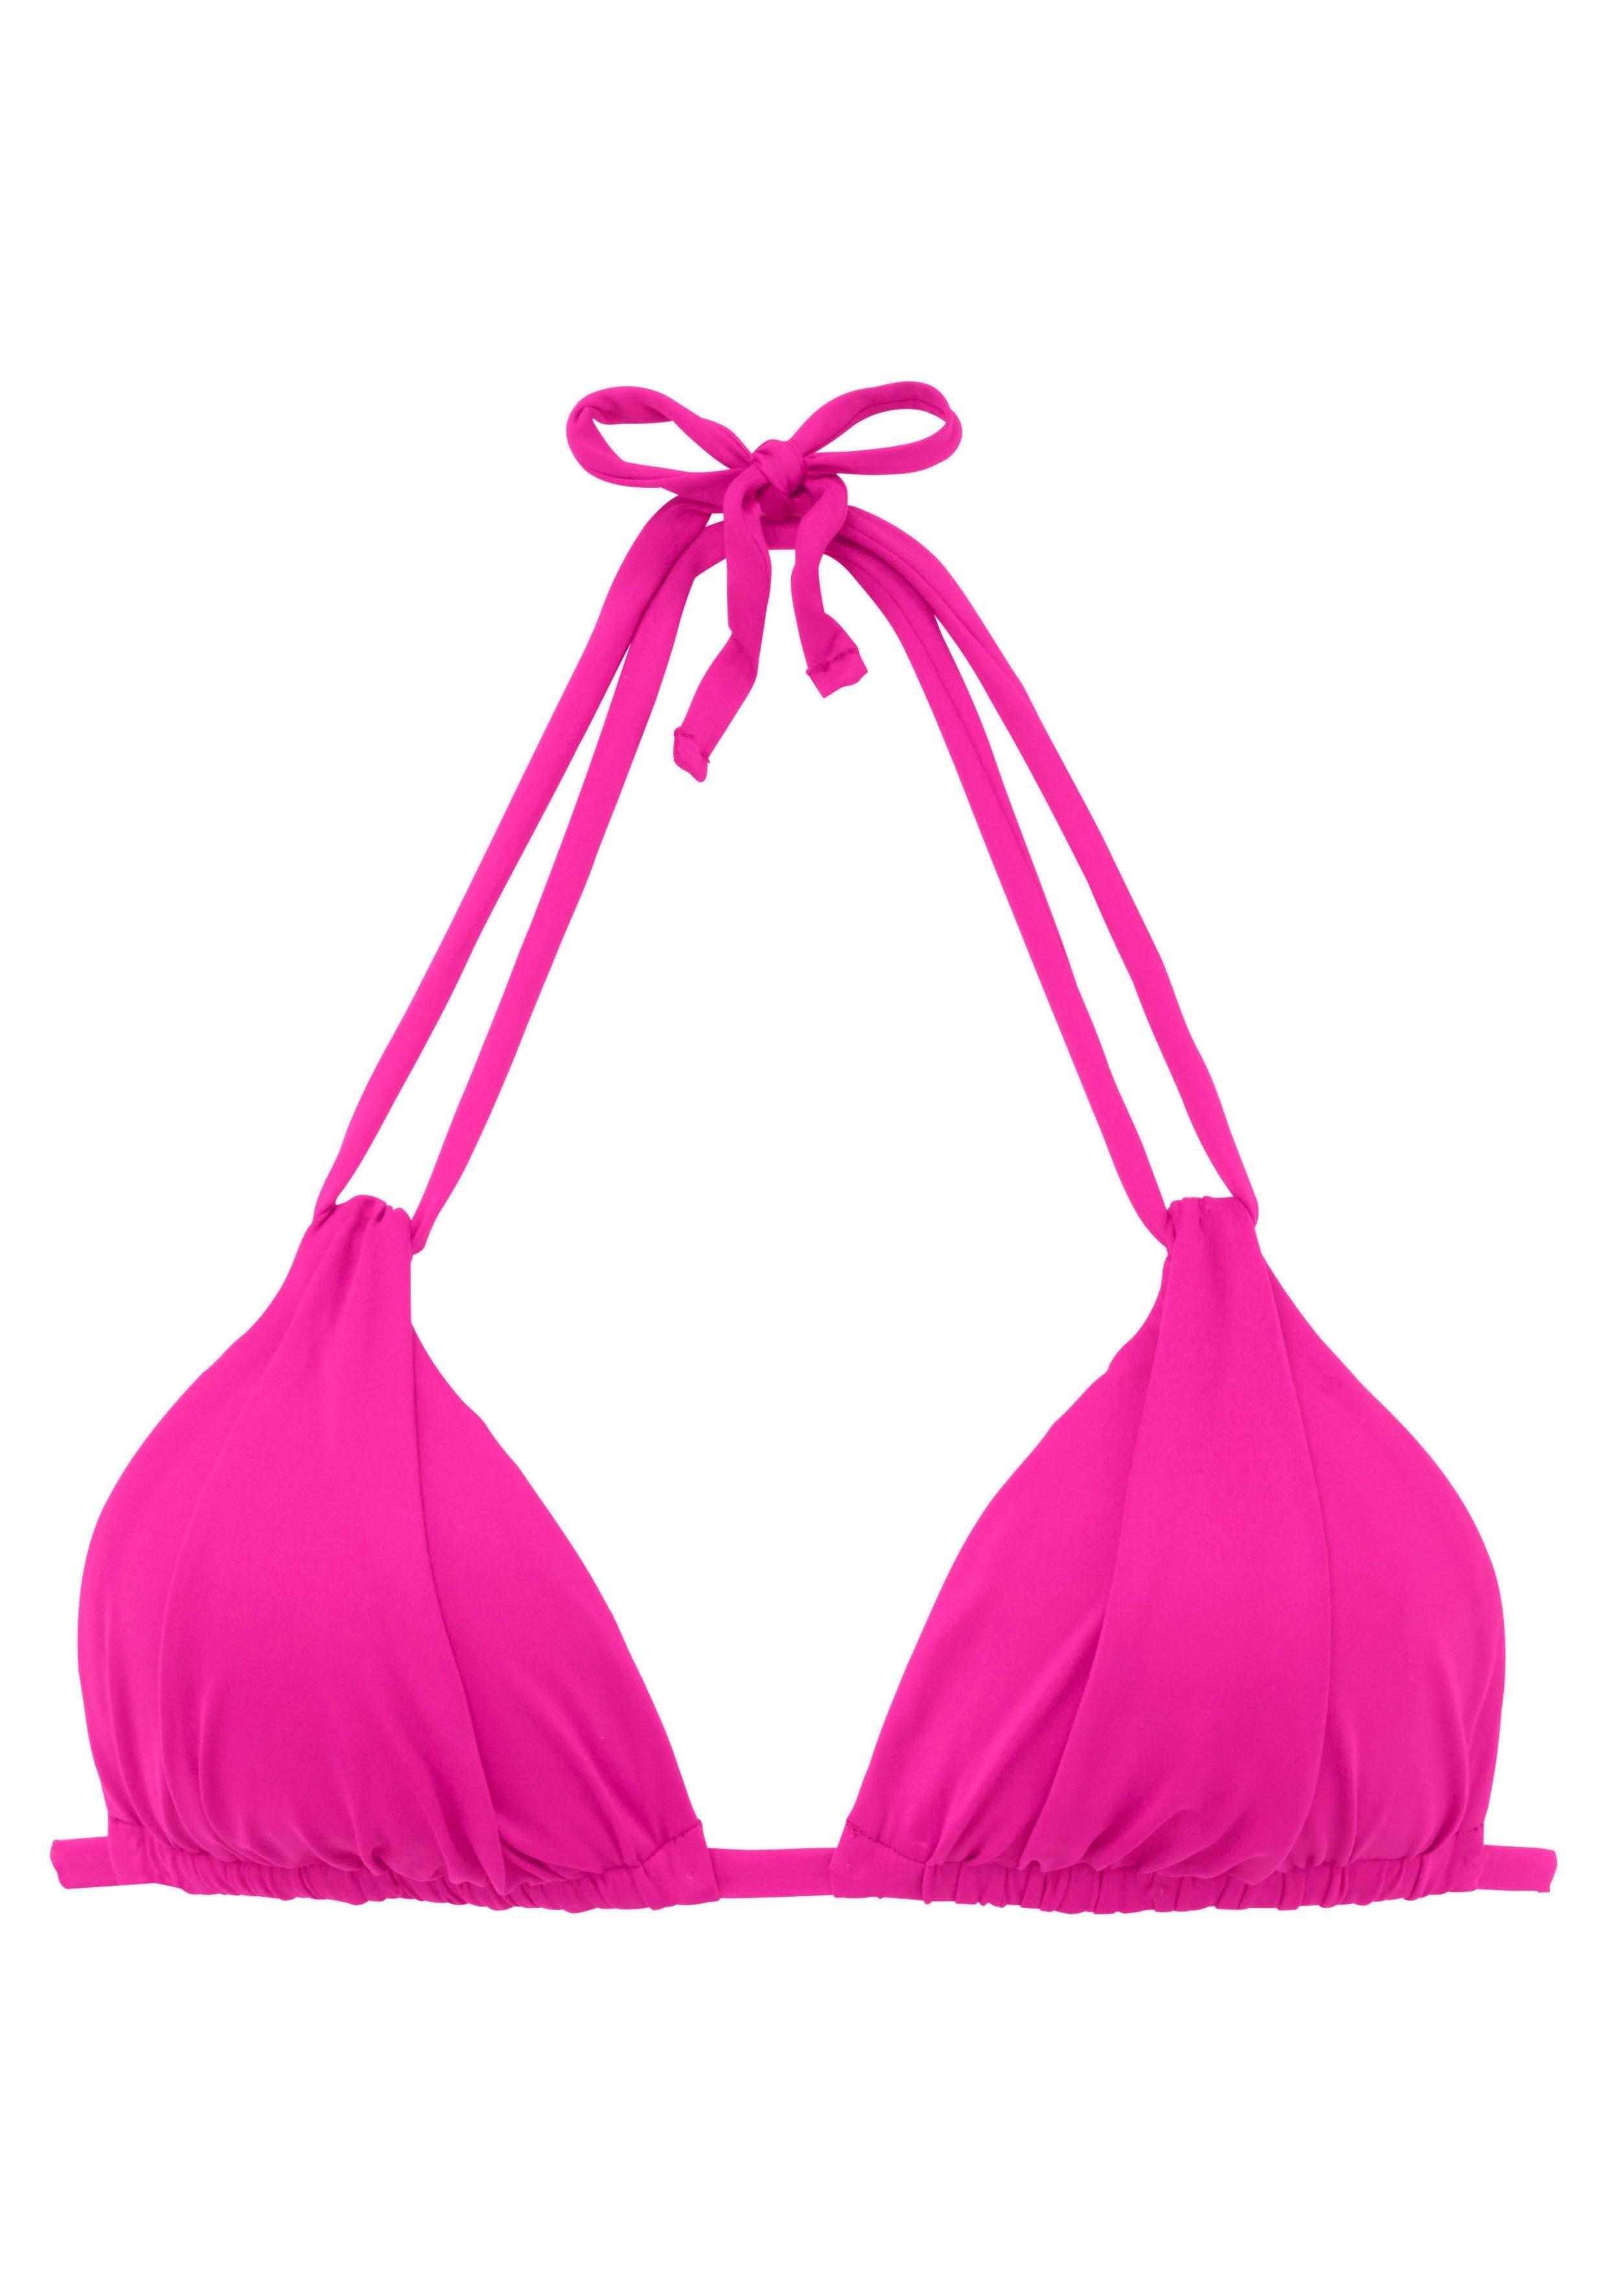 s.Oliver RED LABEL Beachwear triangeltop »Spain« nu online kopen bij OTTO